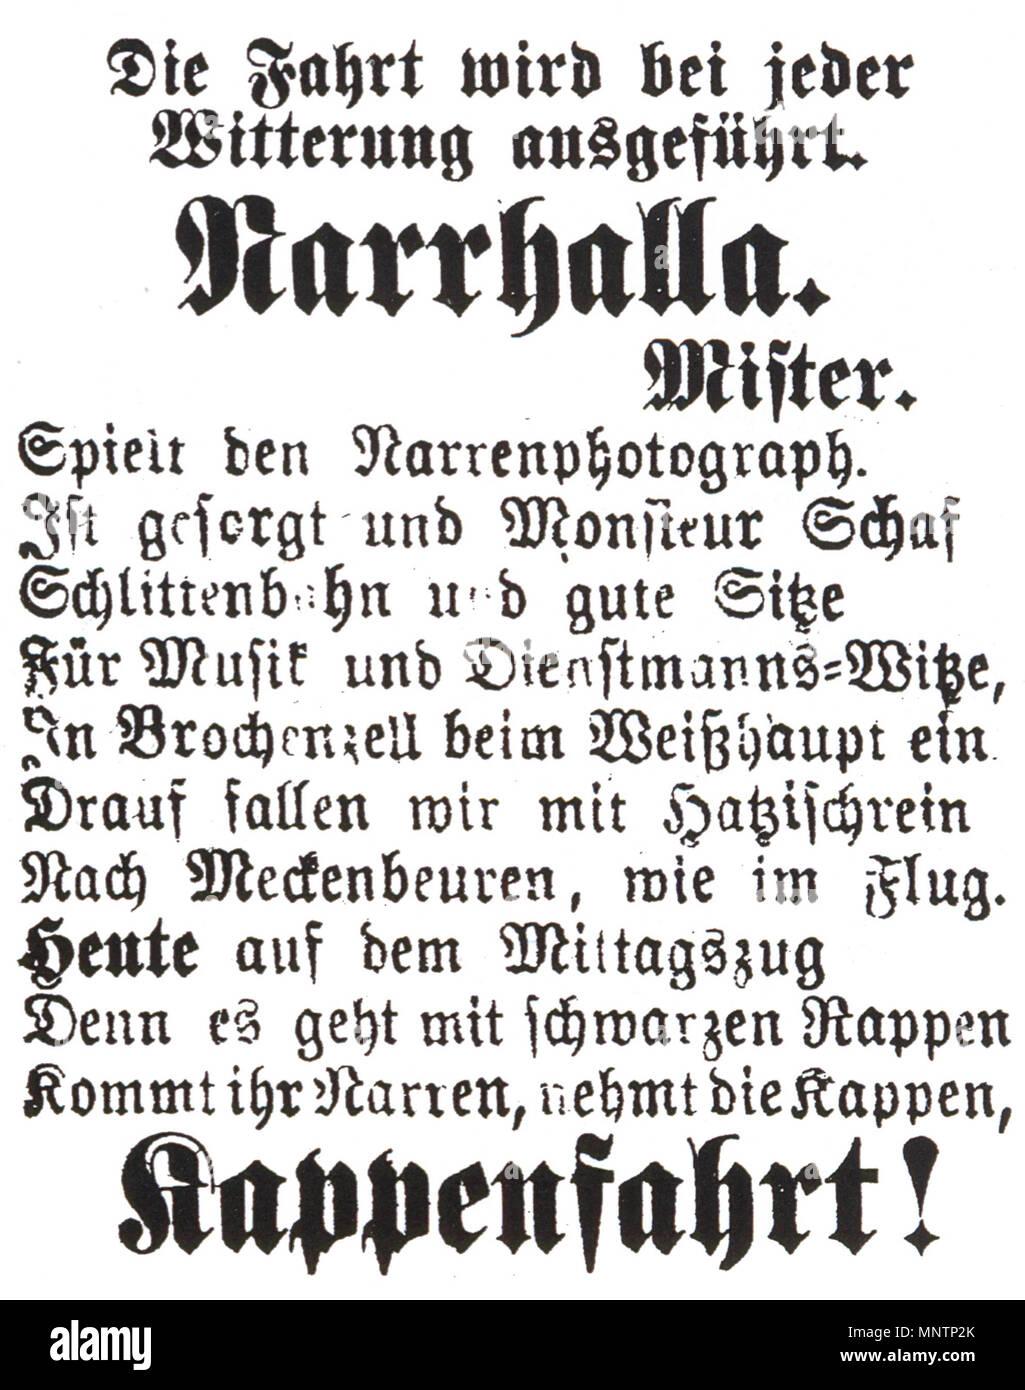 Schwarz witze ᐅ Schwarzer